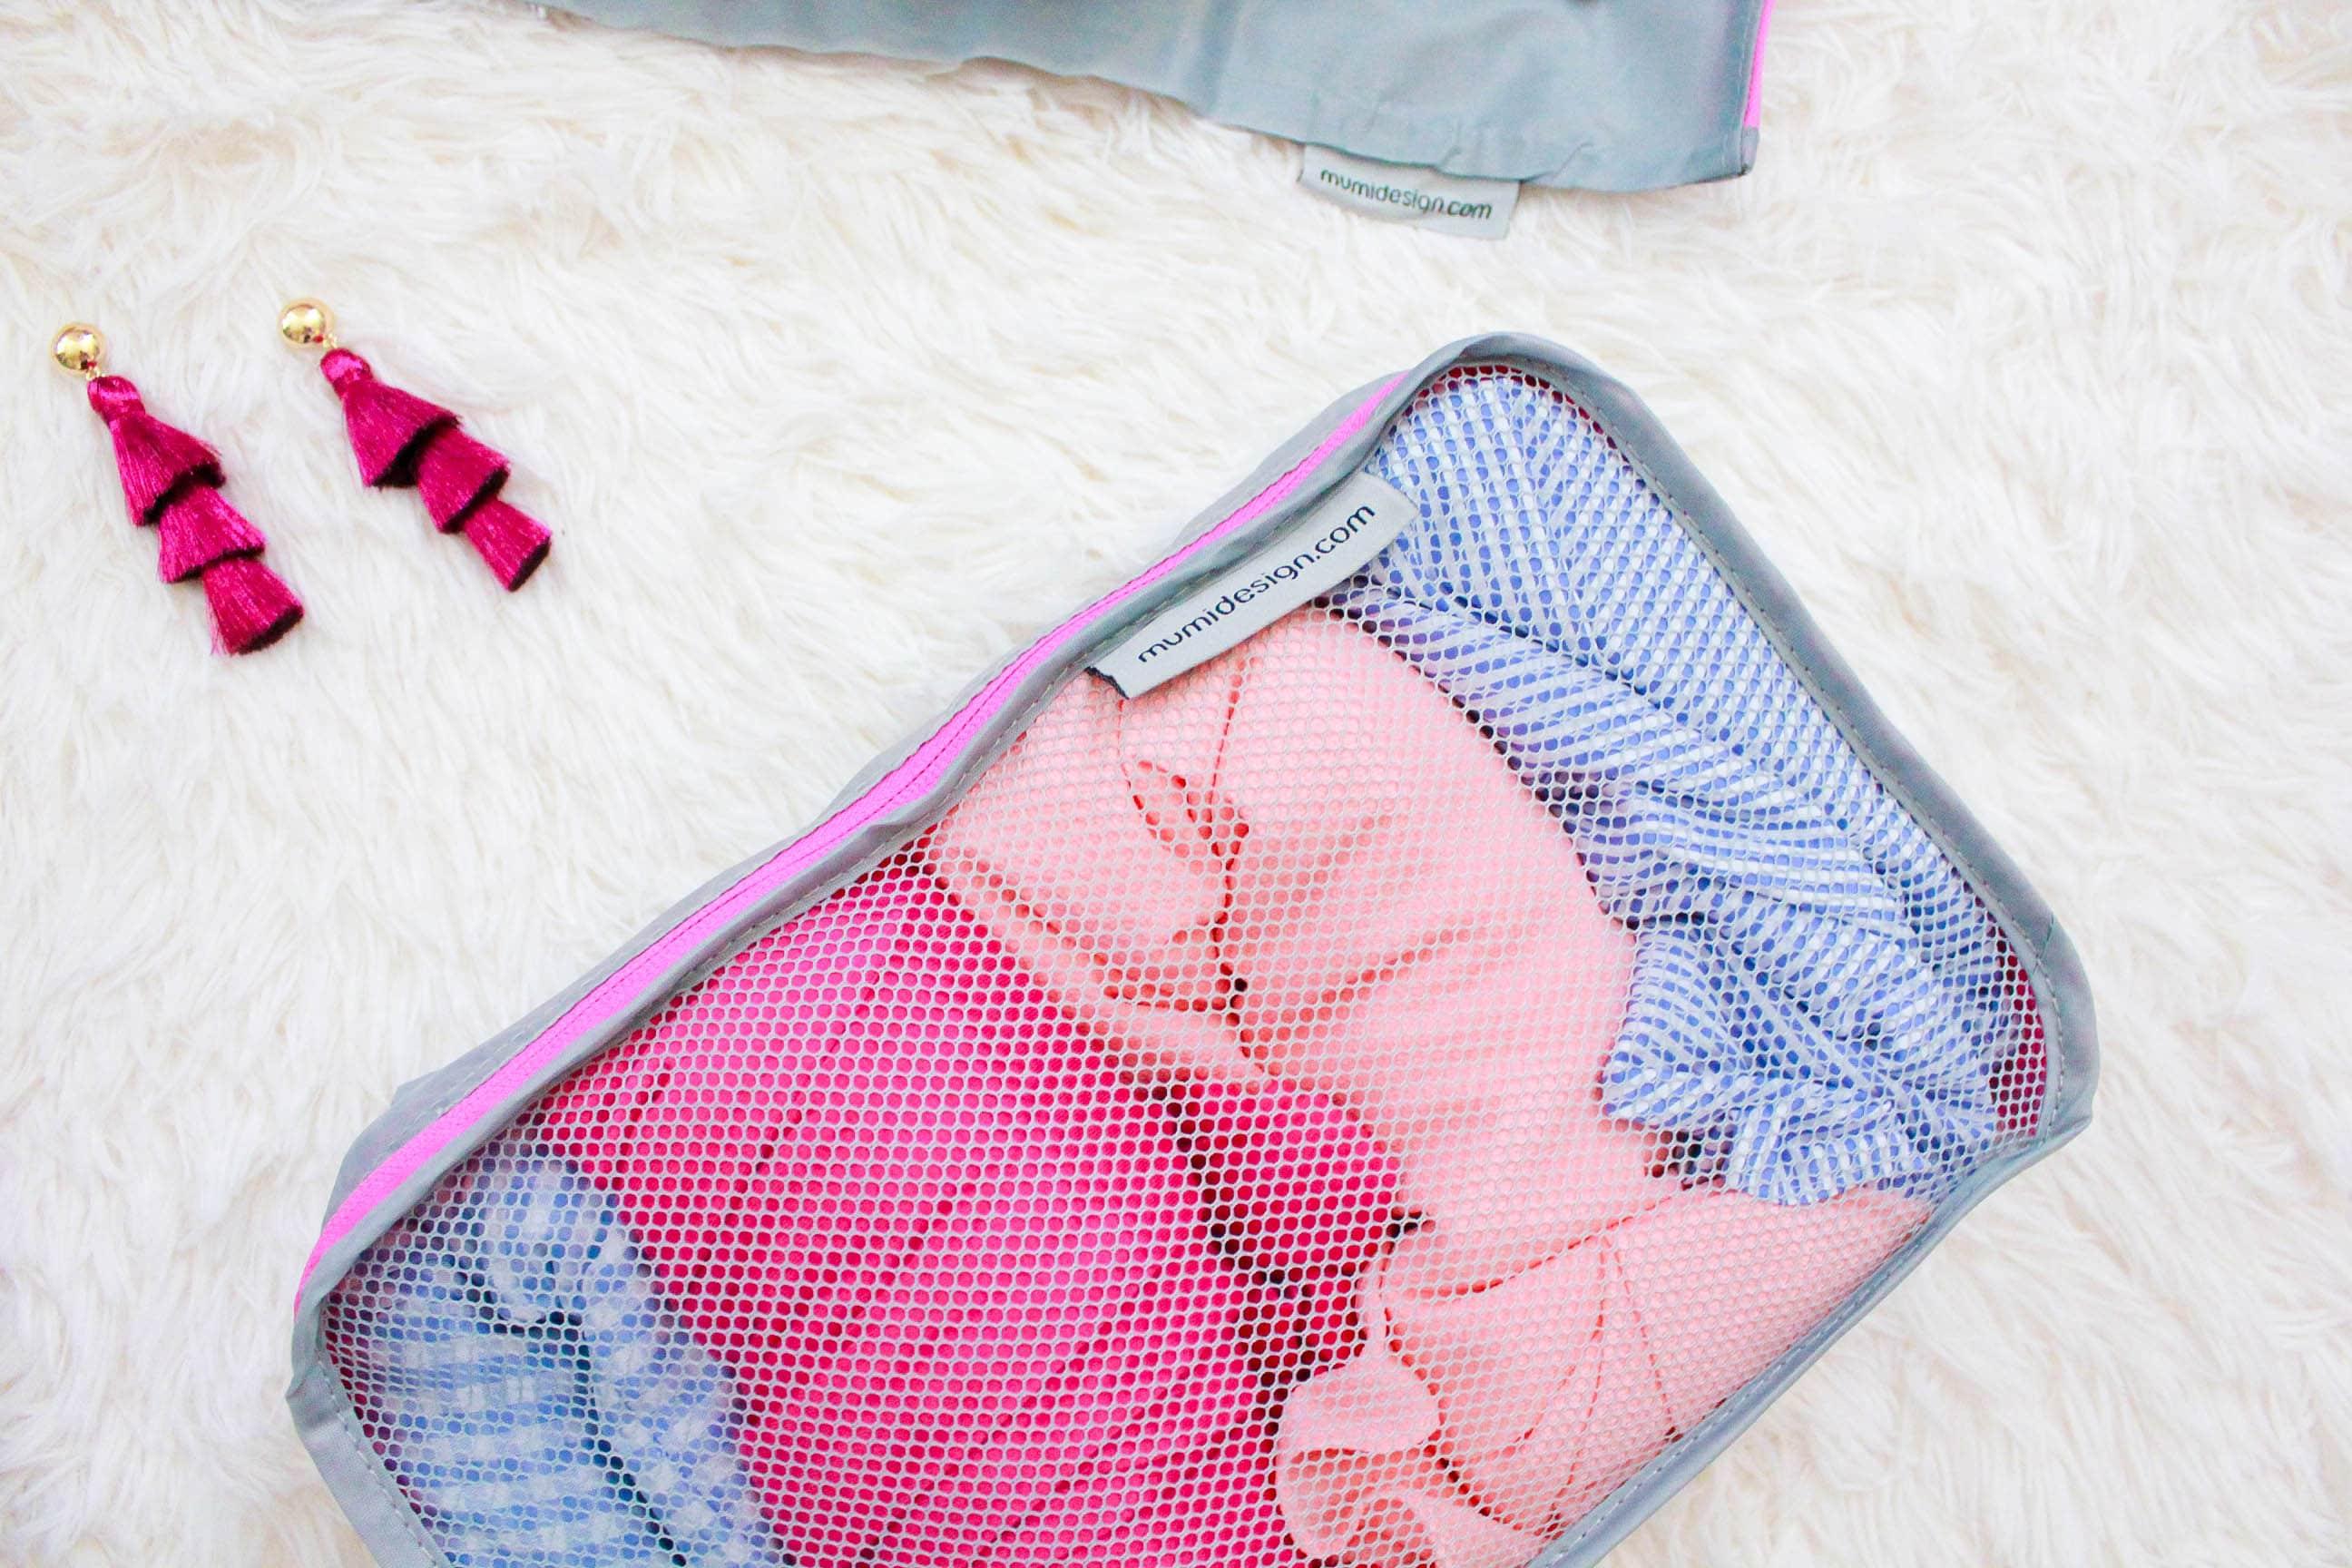 missyonmadison, missyonmadison instagram, missyonmadison blog, bloglovin, melissa tierney, baublebar, tassel earrings, baublebar tassel earrings, sugarfix for baublebar, sugarfix by baublebar earrings, summer earrings, style blog, style blogger, packing guide, packing tips, mumi design, packing cubes, how to pack for a trip, packing guide, mumi design cubes, packing cubes, la blogger,